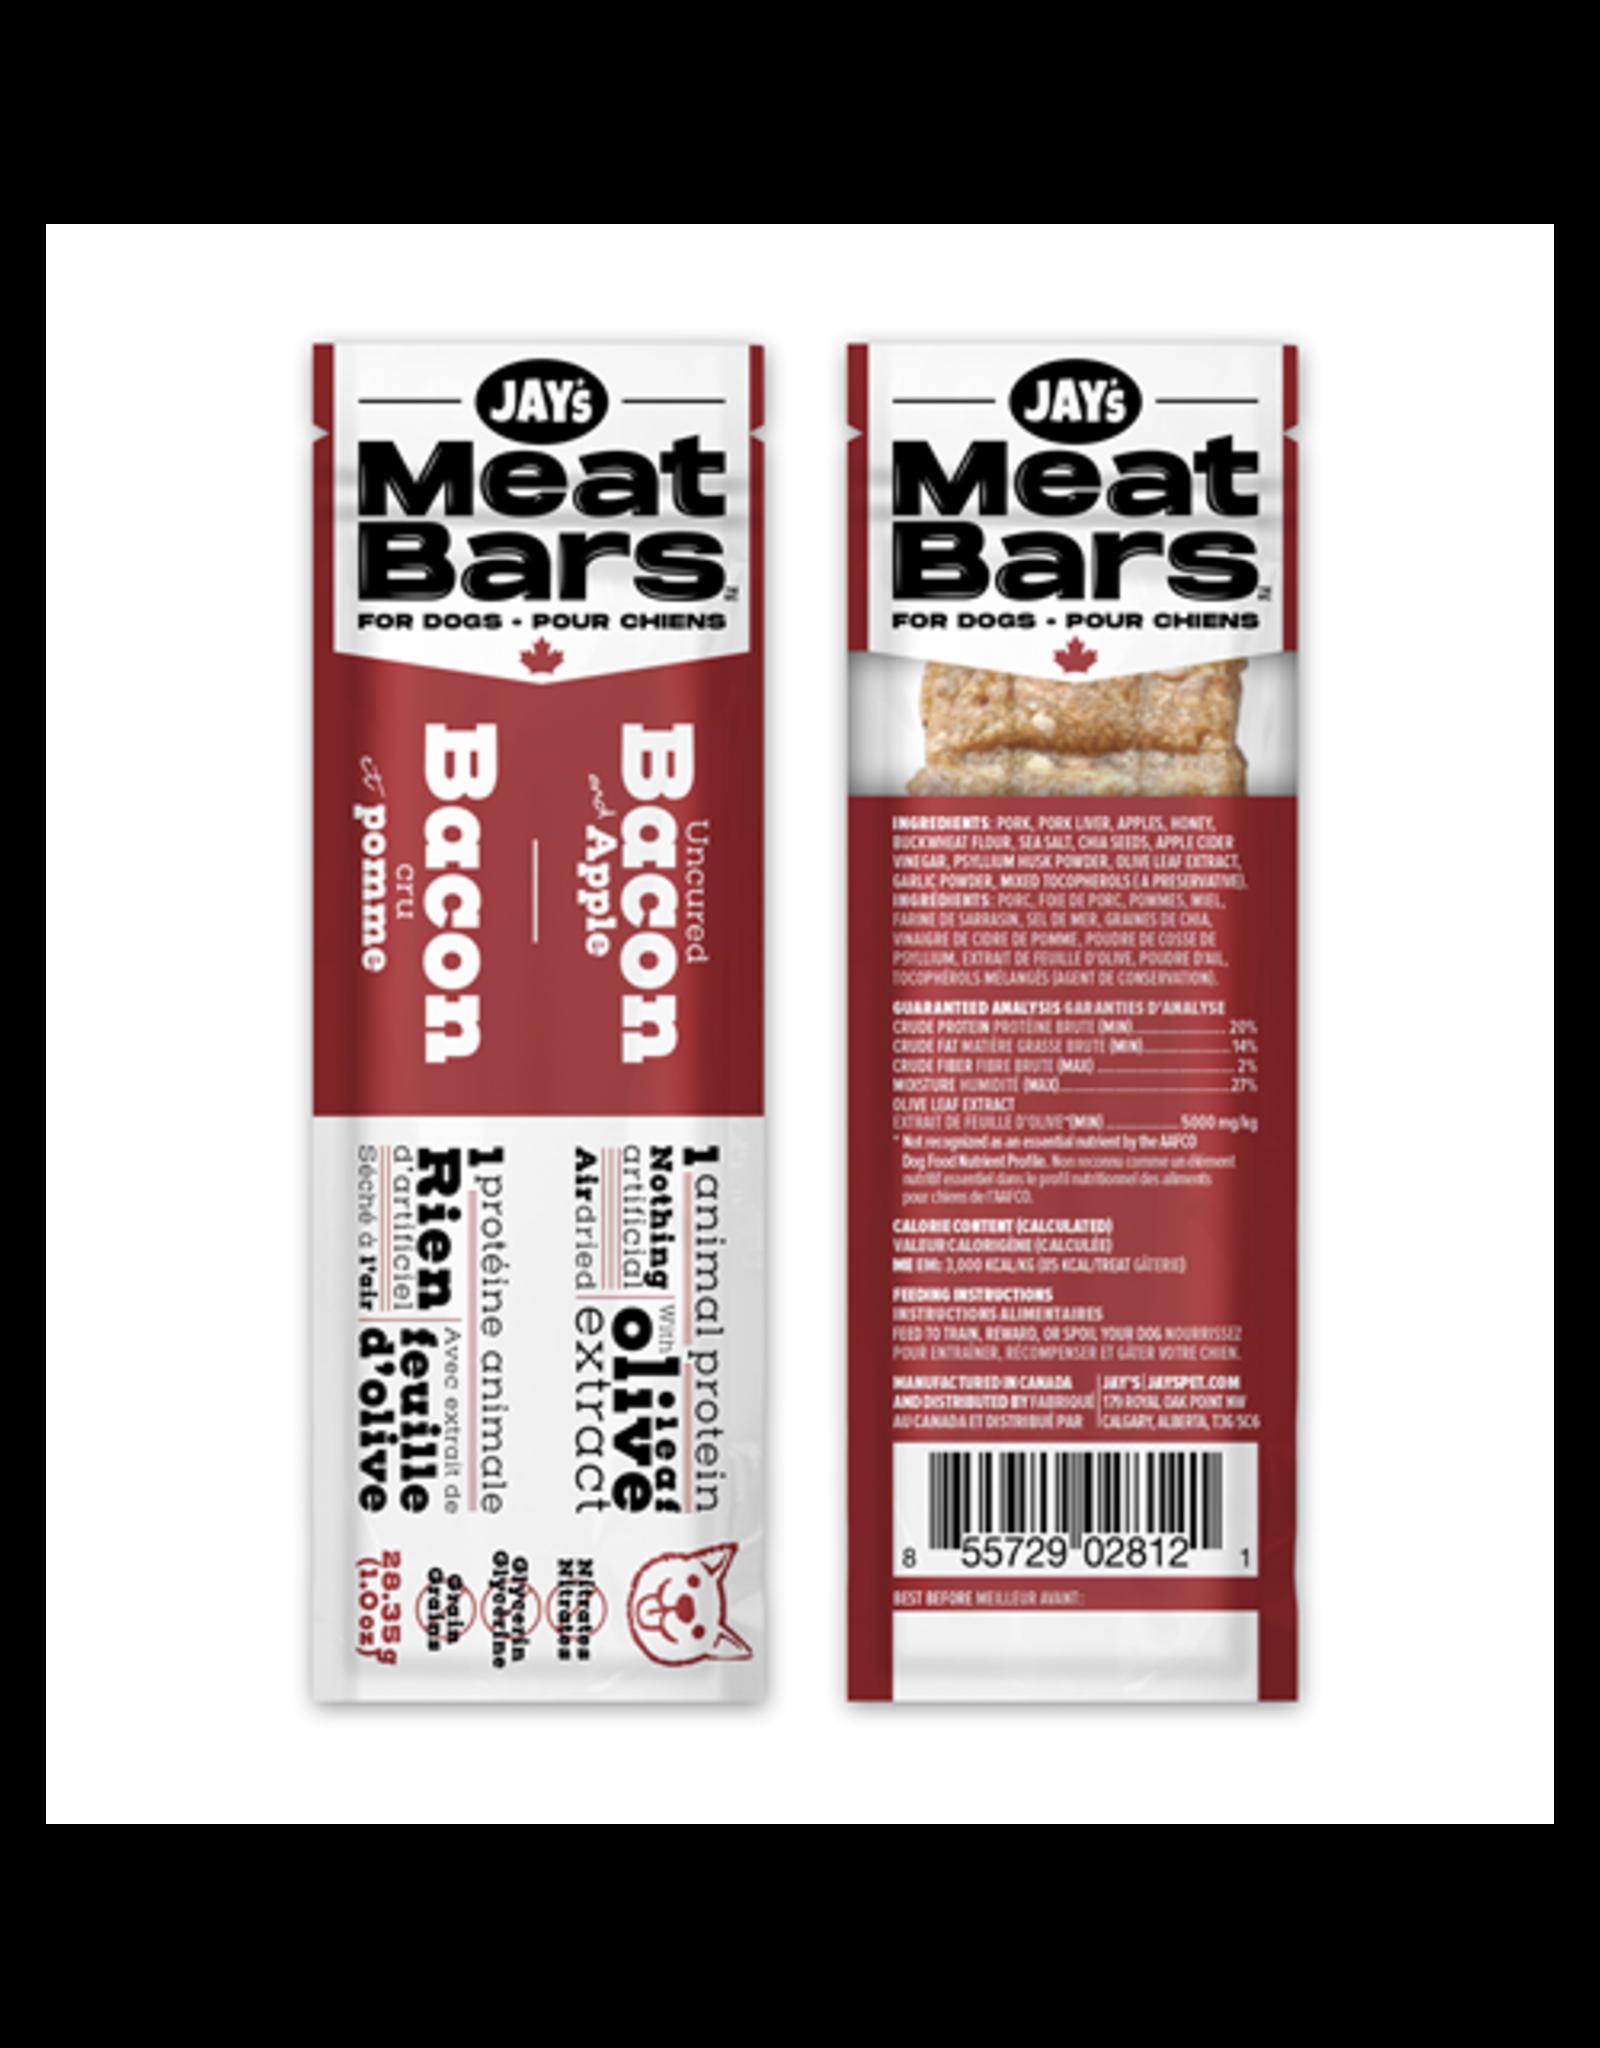 Jay's Tasty Adventures Jays Meatbars Bacon & Apple 28.35g